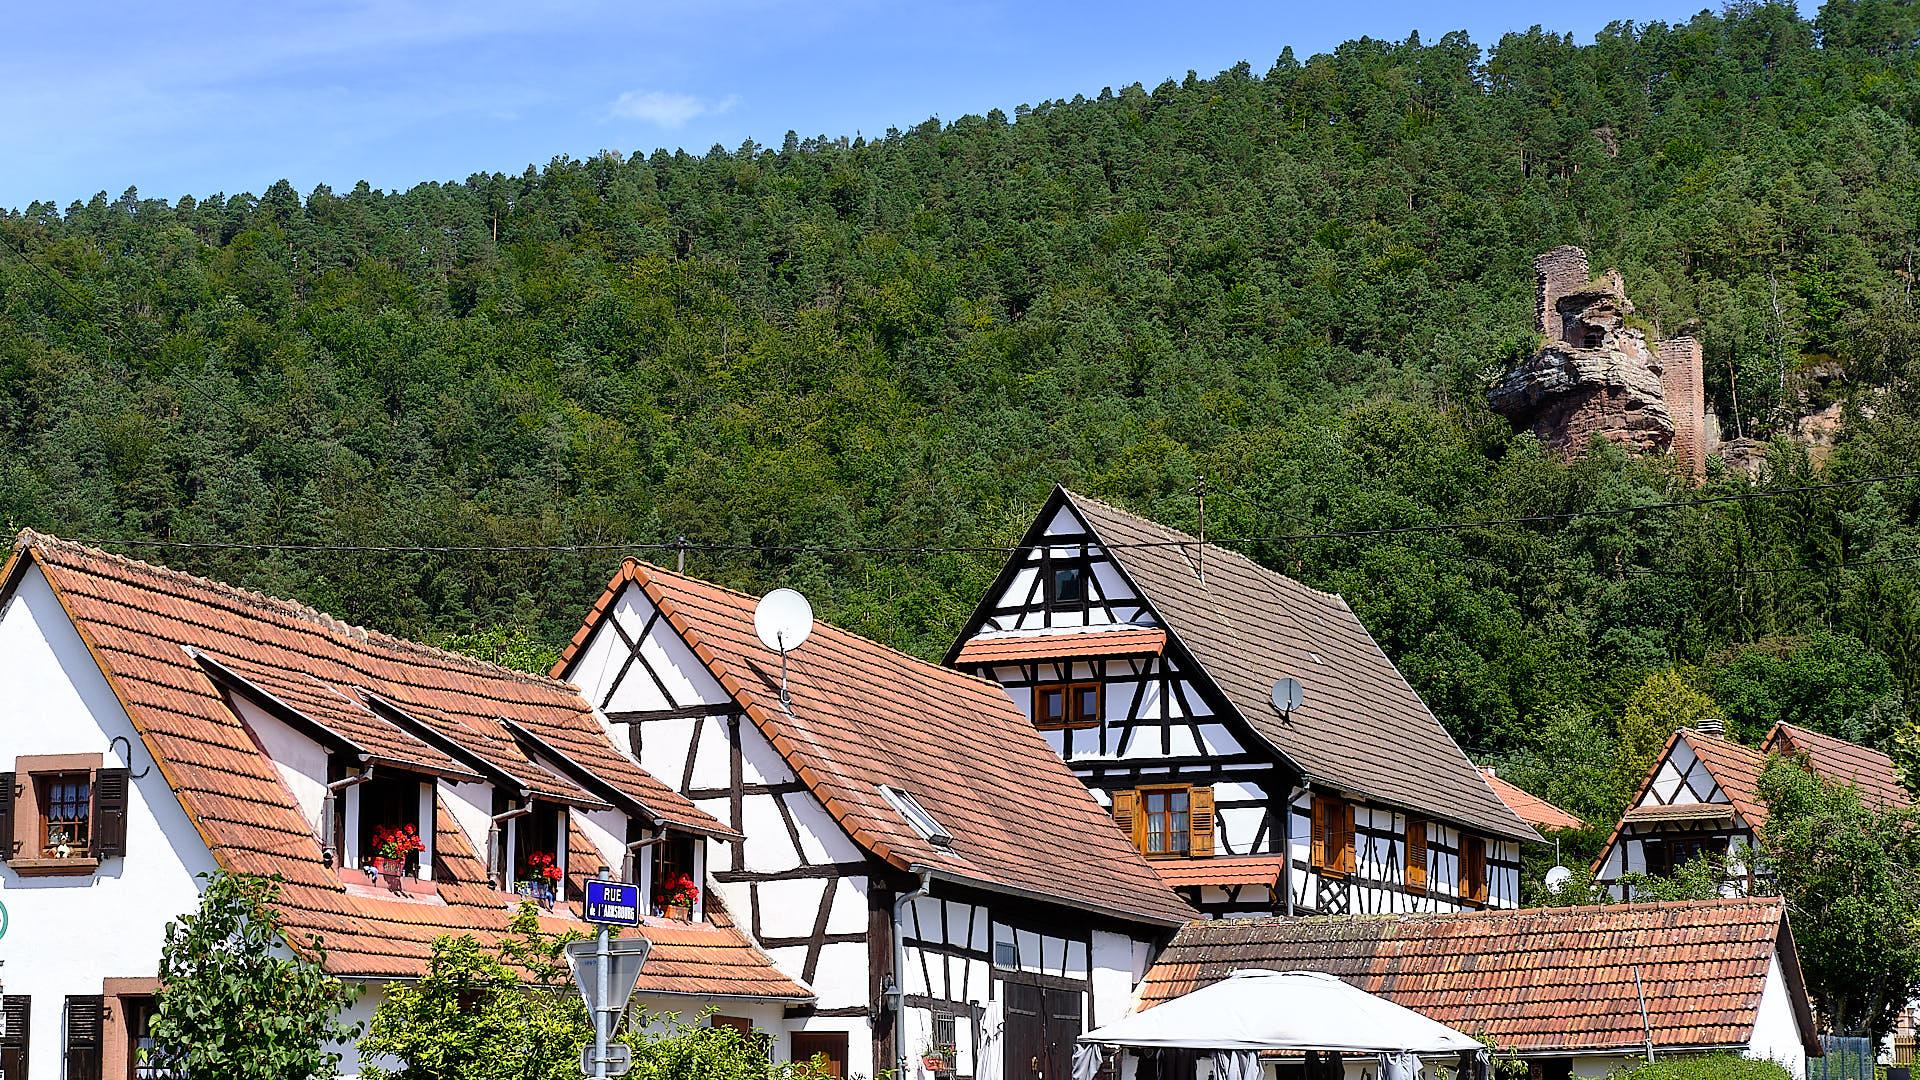 Obersteinbach Elsass